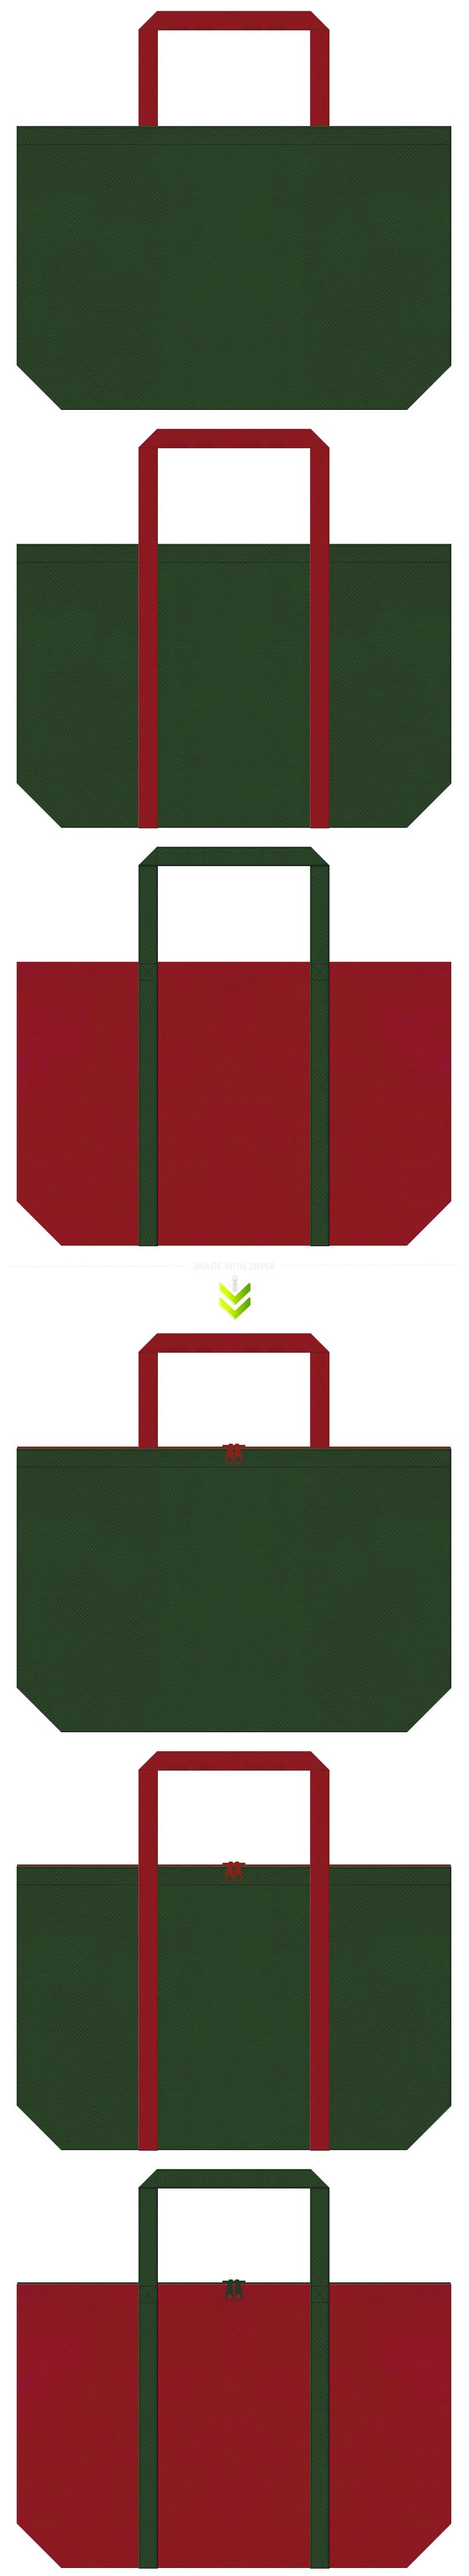 濃緑色とエンジ色の不織布エコバッグのデザイン。落ち着いたクリスマスイメージにお奨めです。